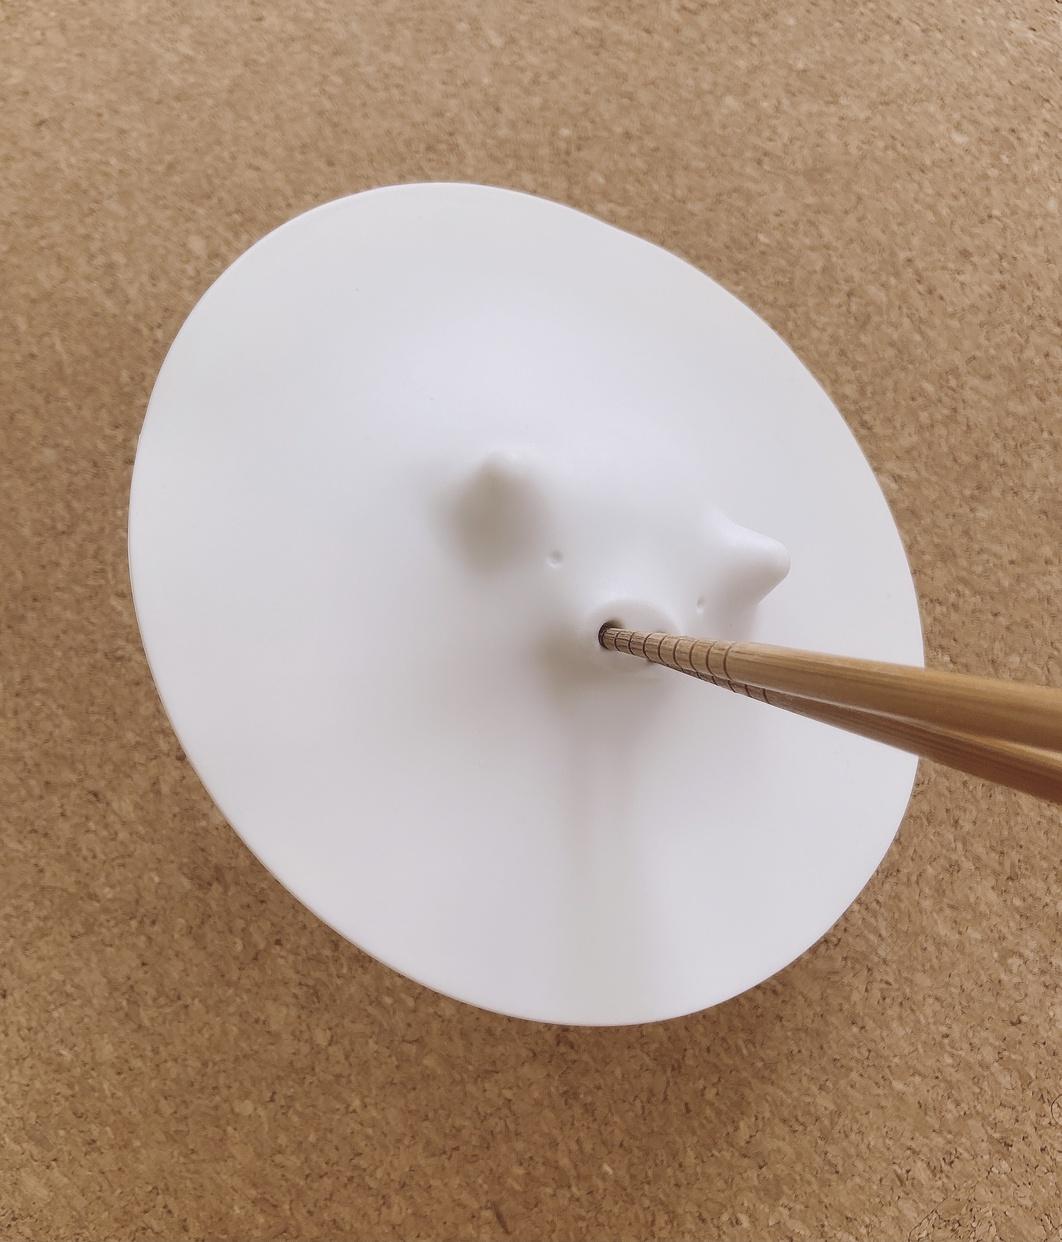 MARNA(マーナ)コブタの落としぶた ホワイト K091を使ったfumikaさんのクチコミ画像6